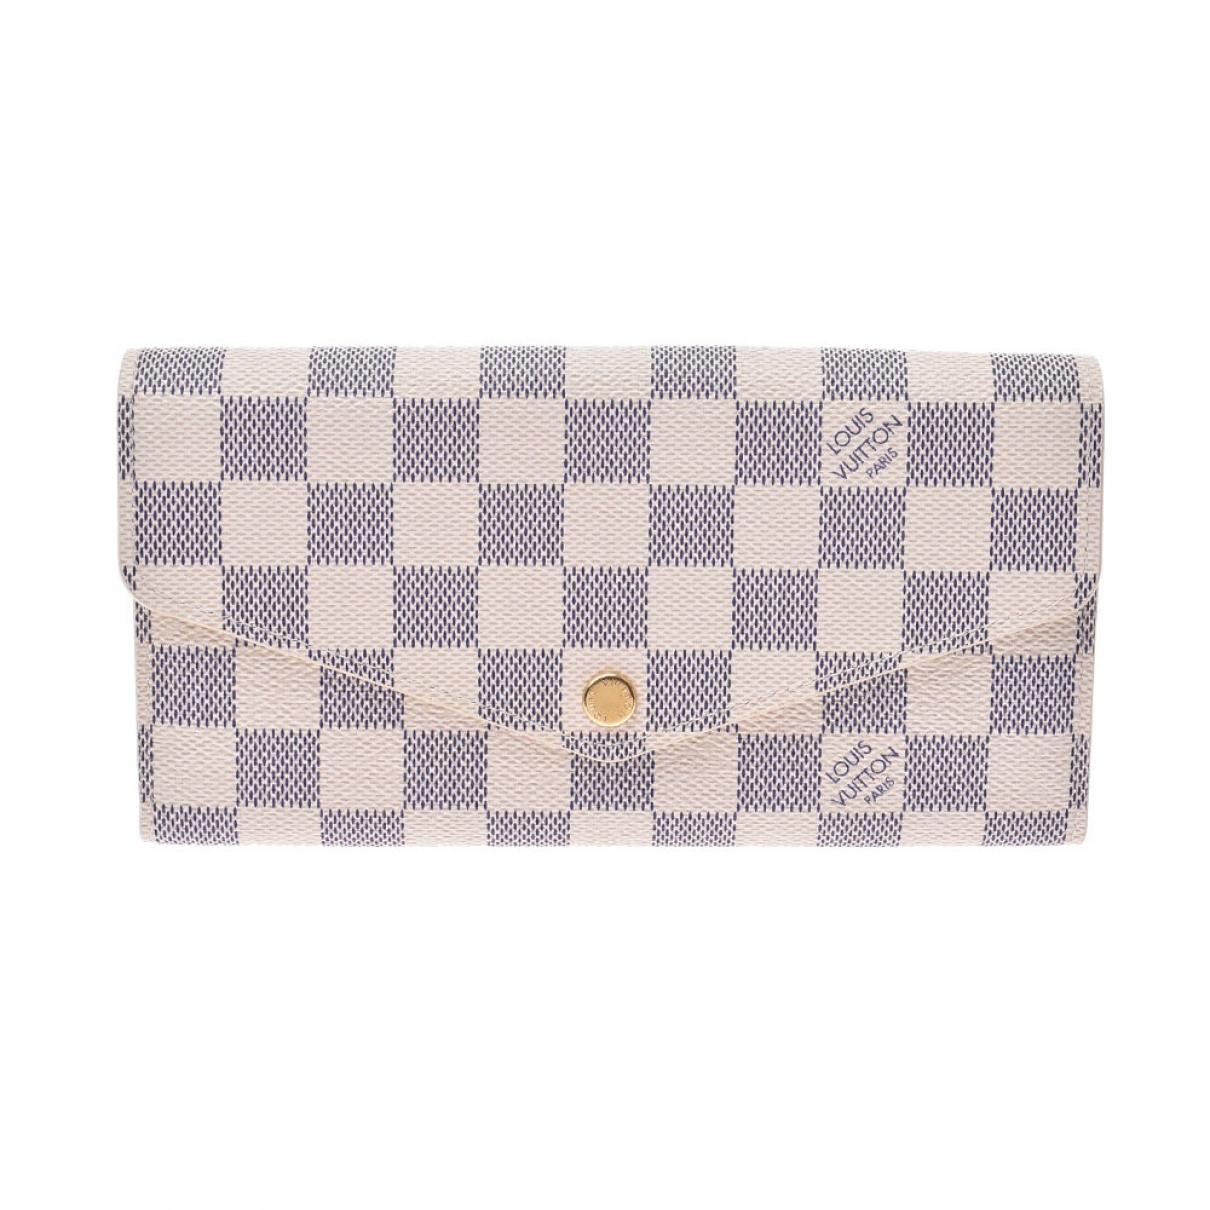 Louis Vuitton - Portefeuille Sarah pour femme en toile - blanc